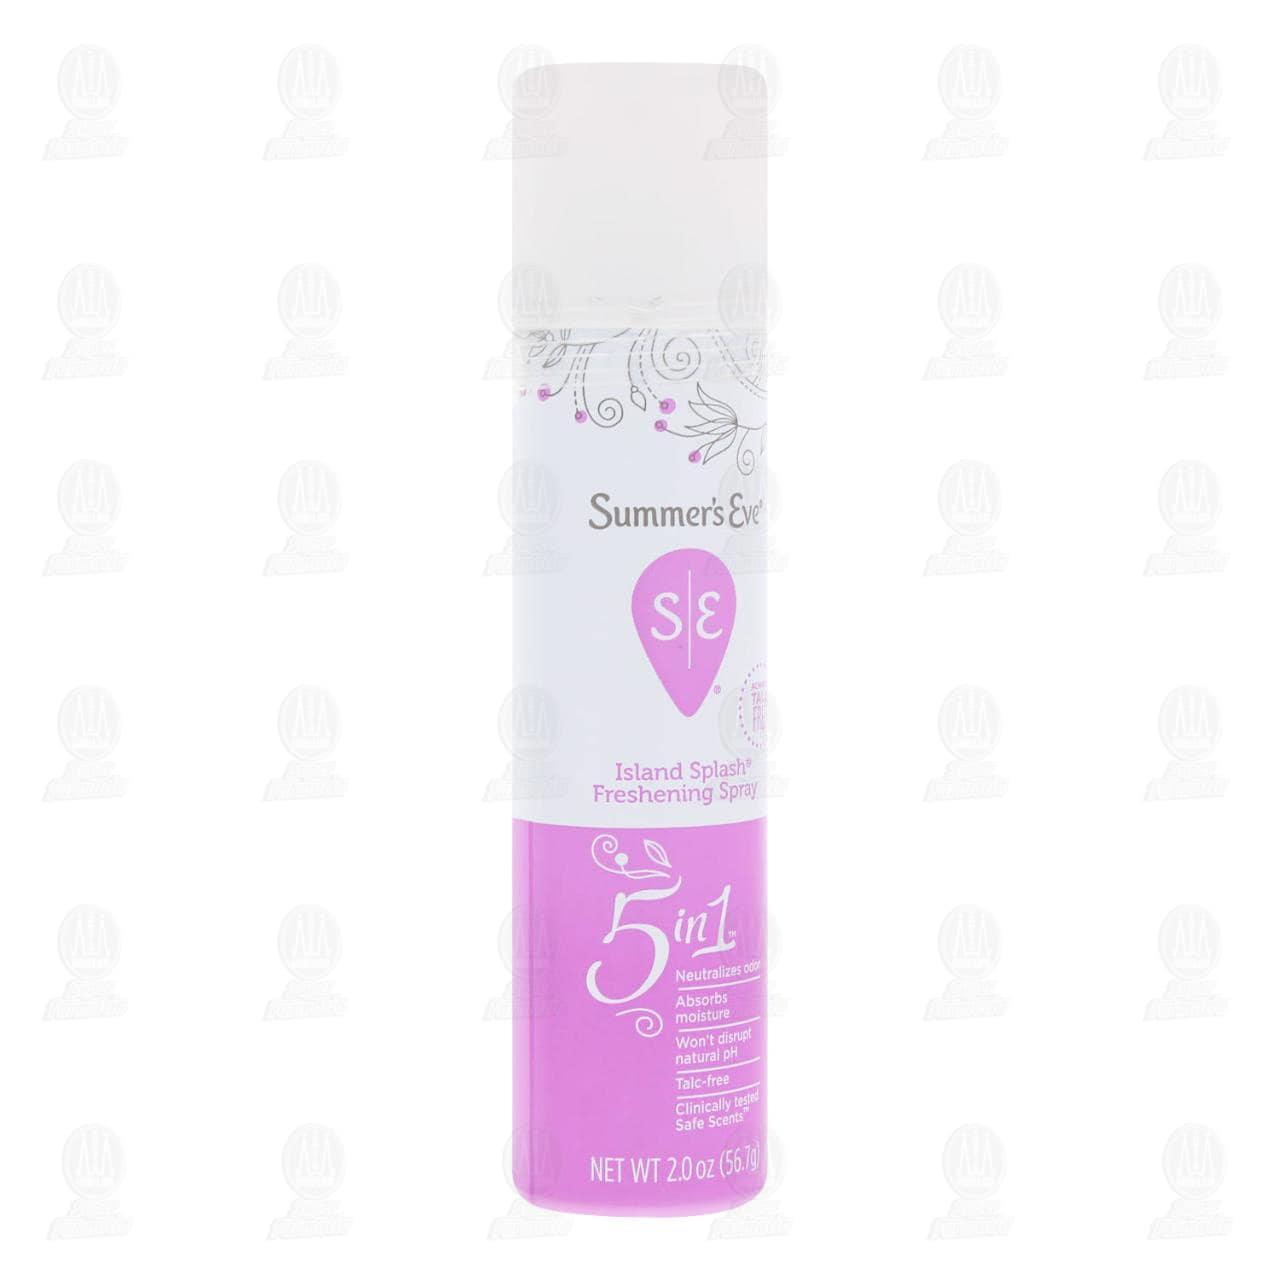 Comprar Desodorante Íntimo Femenino Summer's Eve Island Splash en Spray, 56.7 gr. en Farmacias Guadalajara